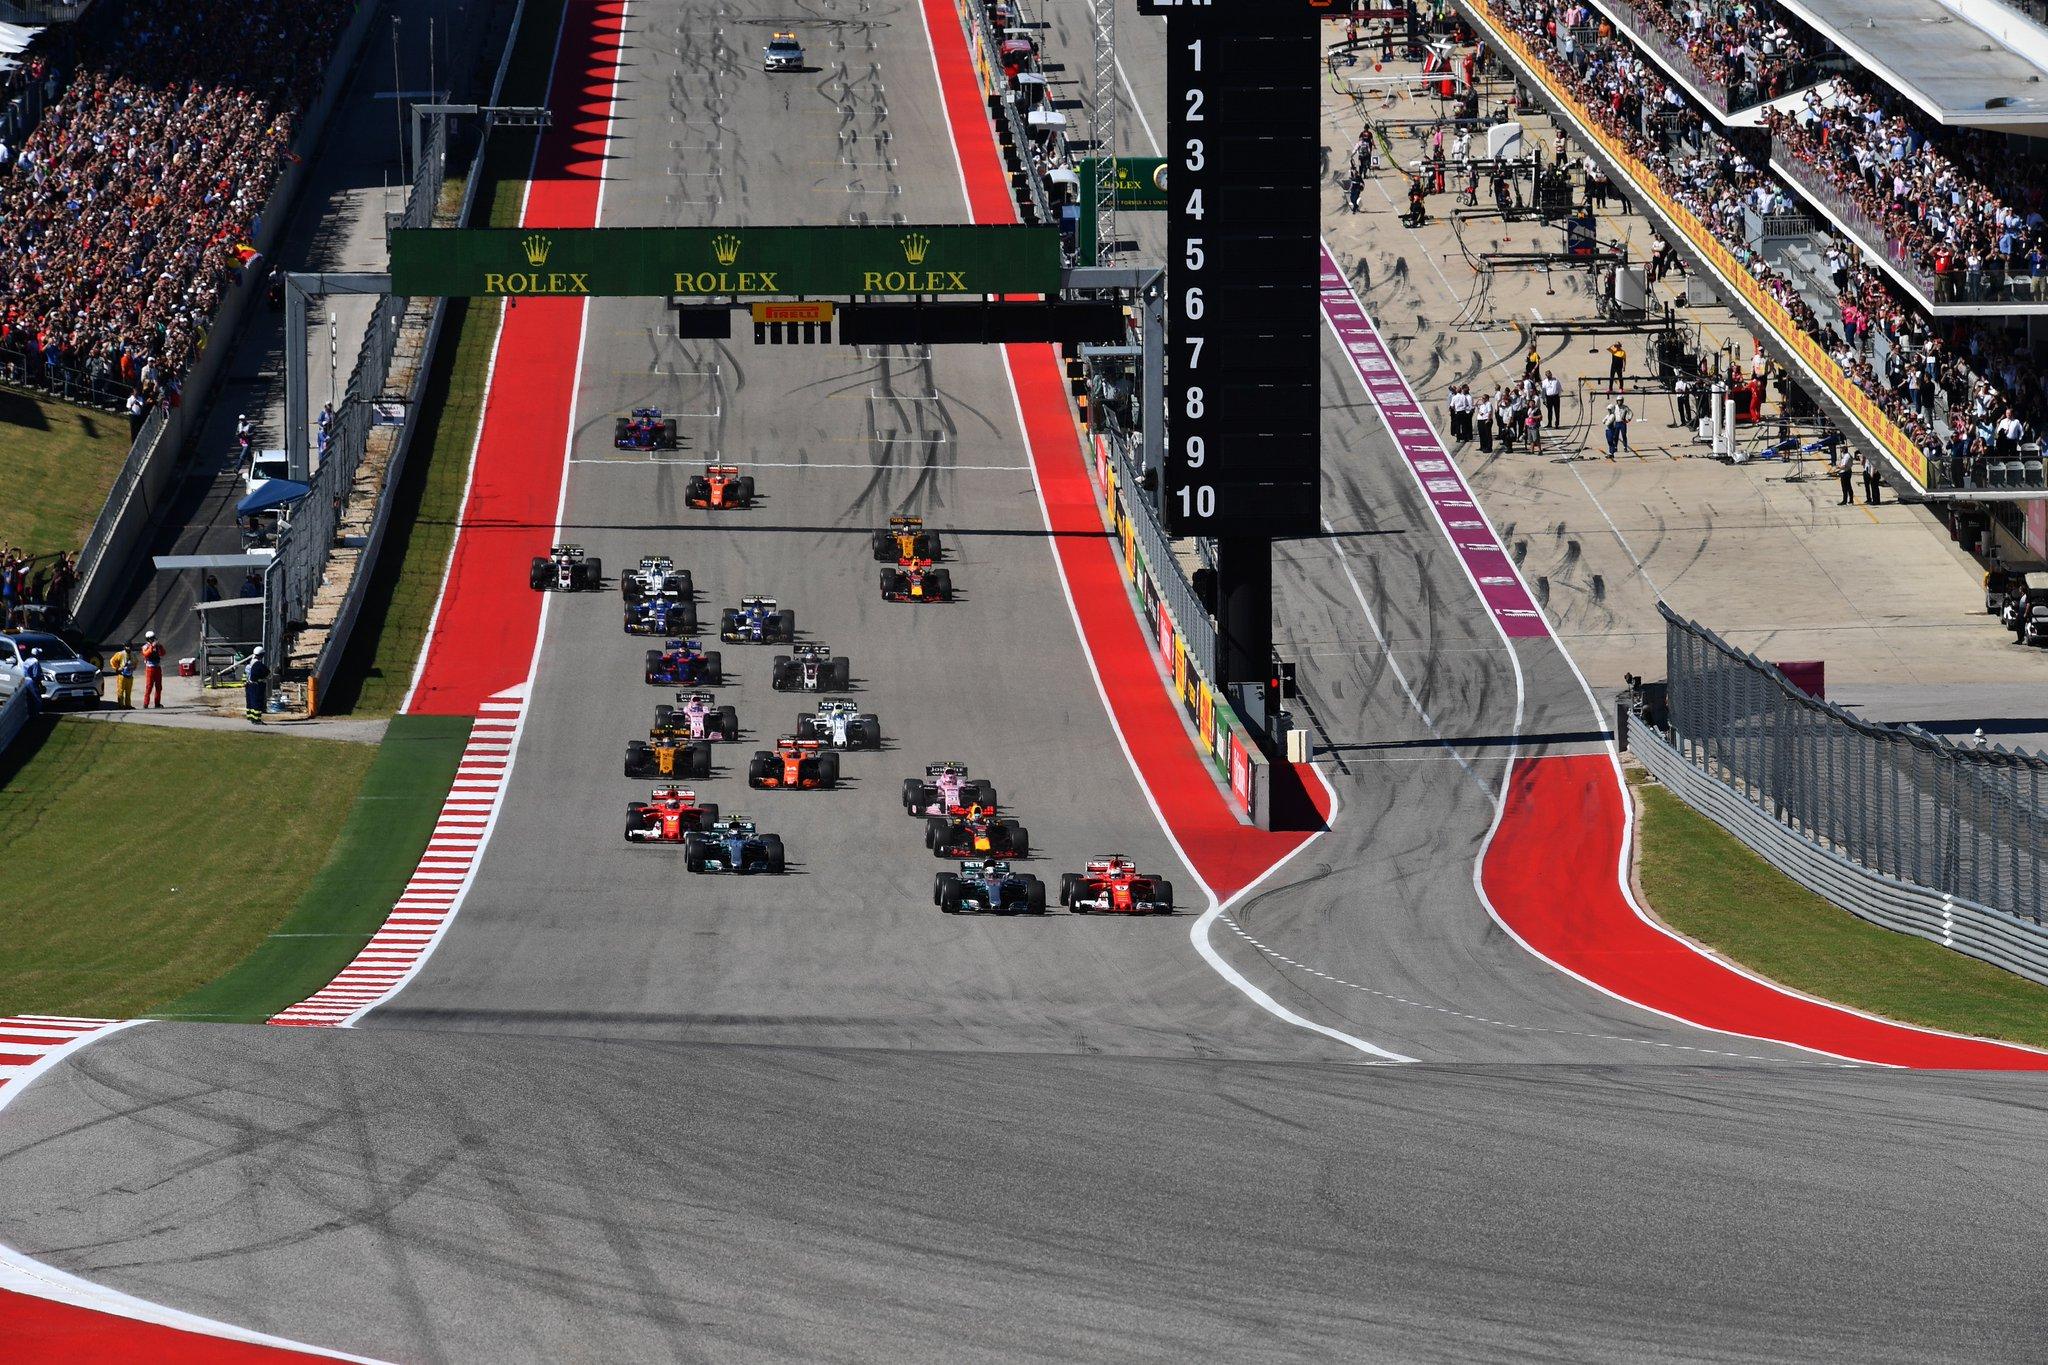 F1 USGP 2018 .jpg